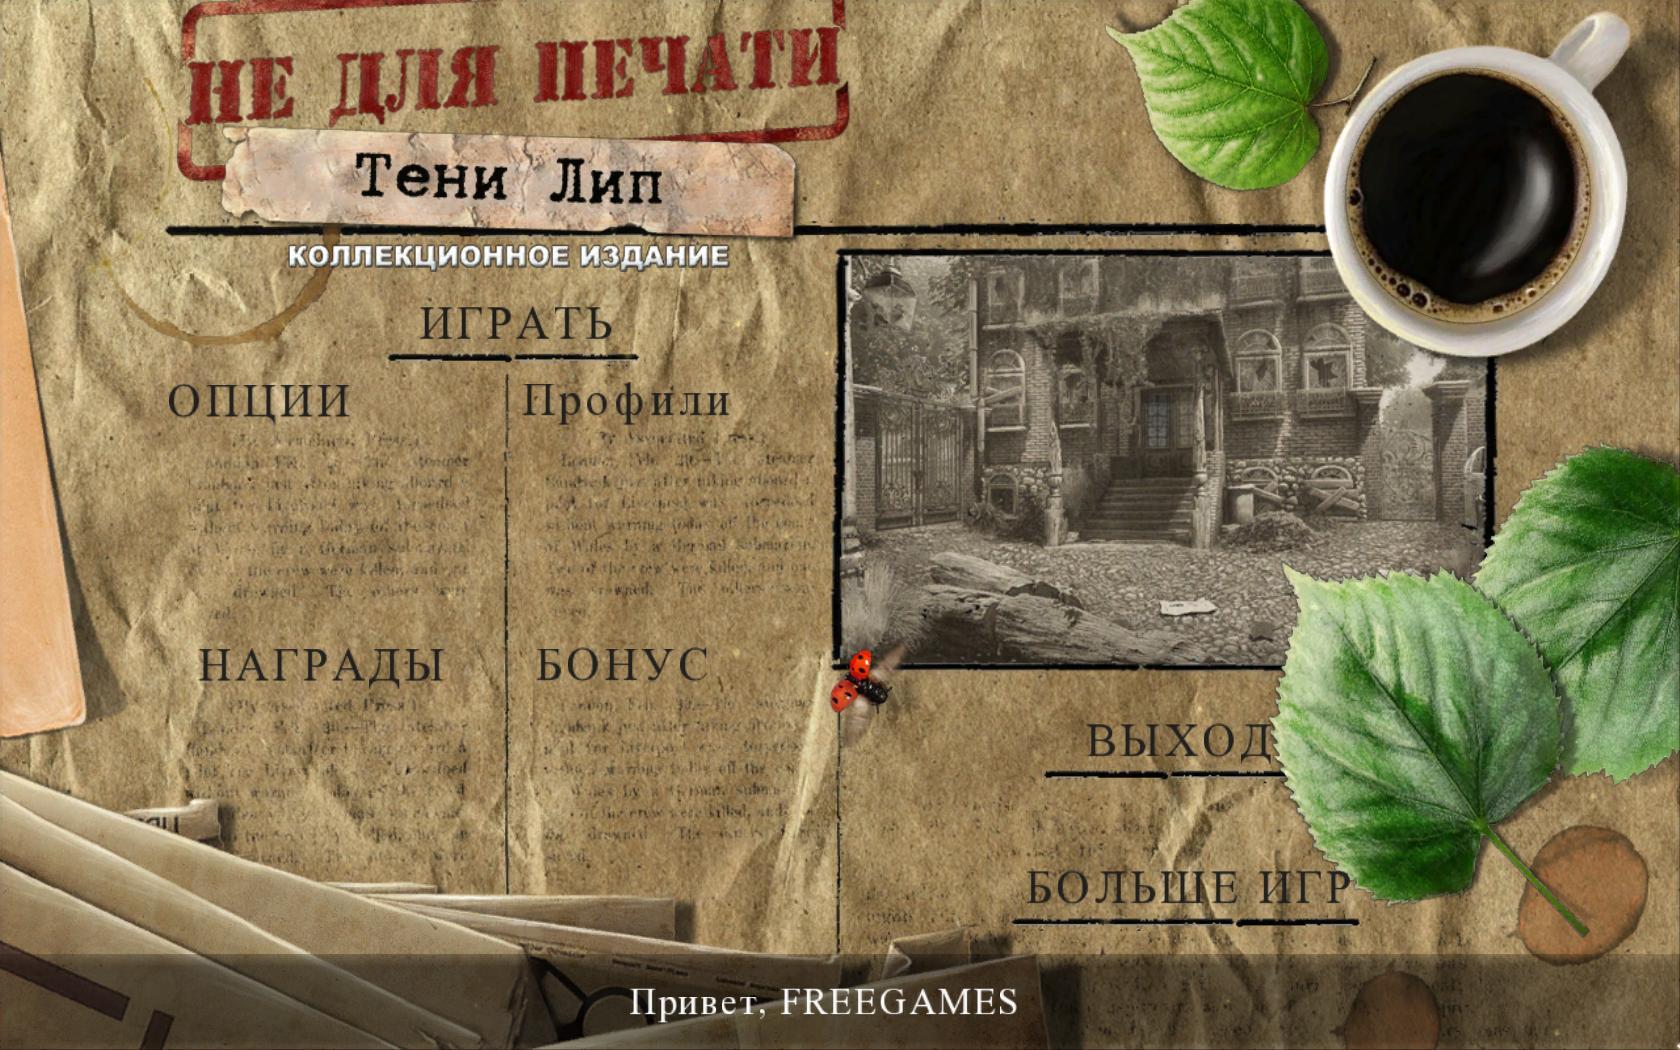 Не Для Печати: Тени Лип. Коллекционное издание   Off the Record: Linden Shades CE (Rus)